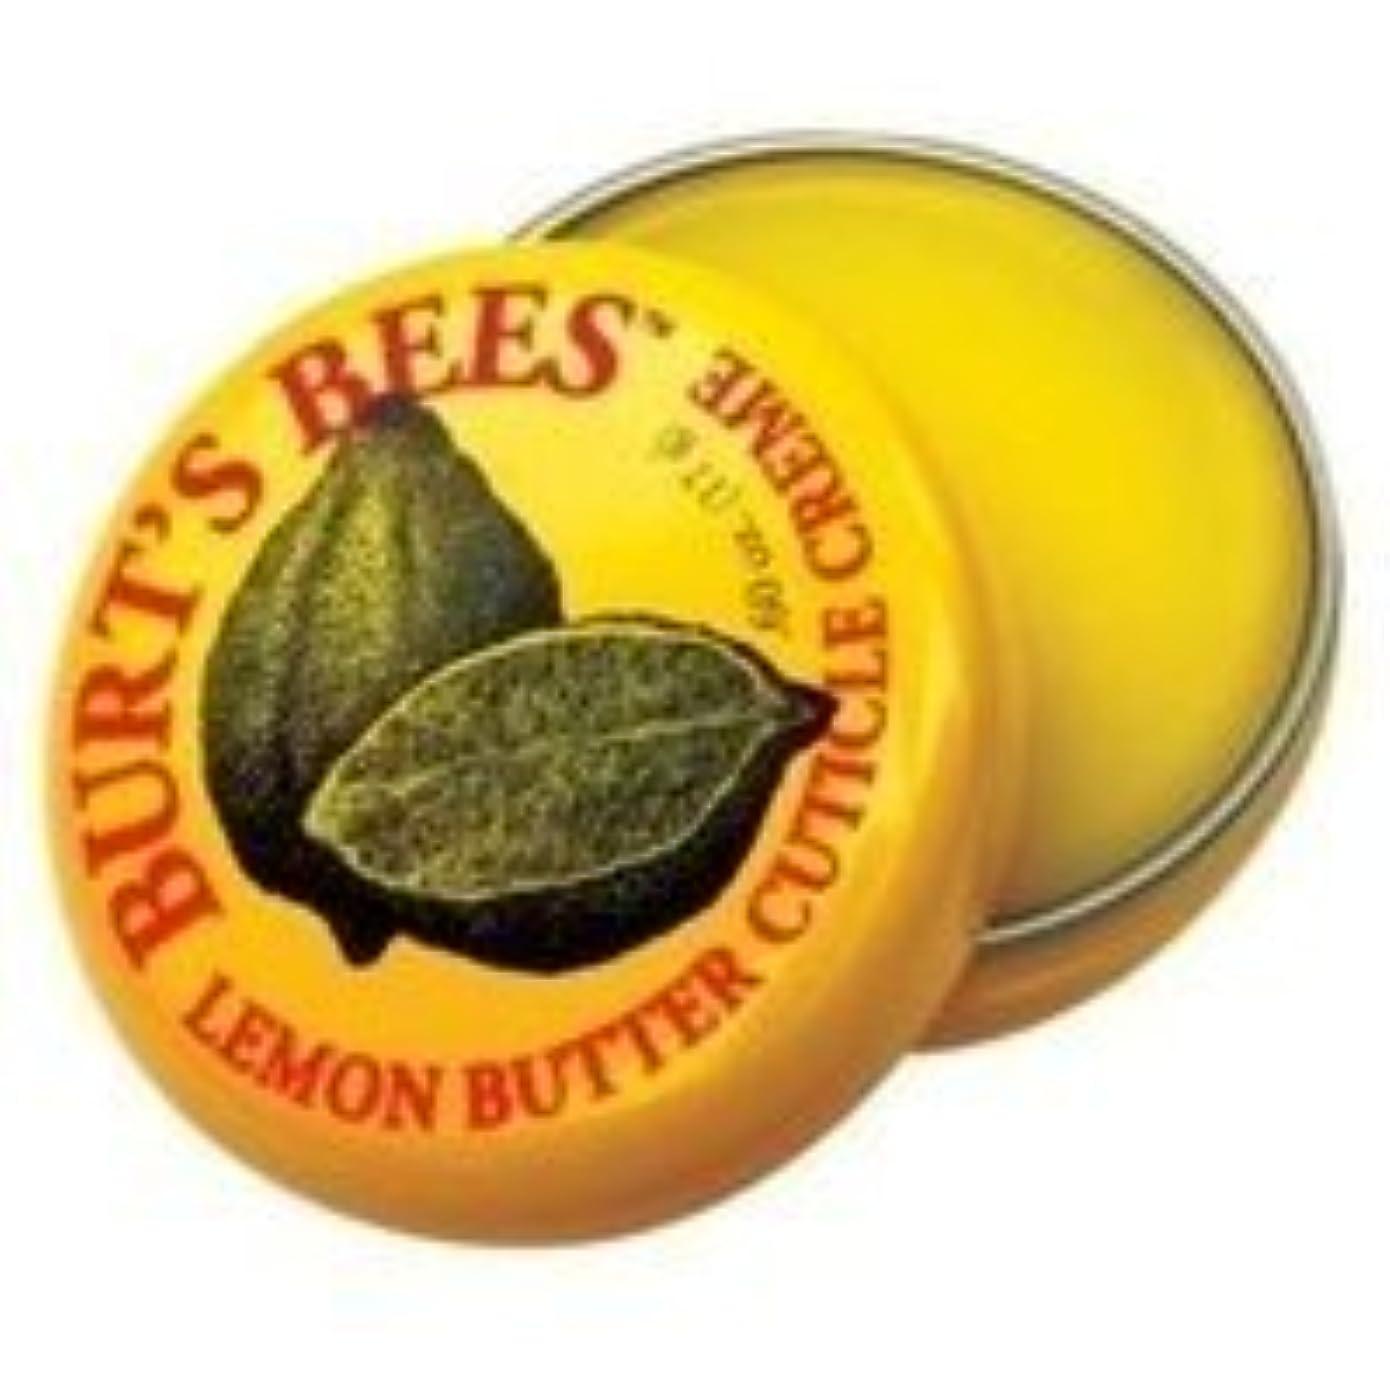 腐ったバリー道路バーツビー(バーツビーズ) レモンバターキューティクルクリーム 17g お得な3個セット